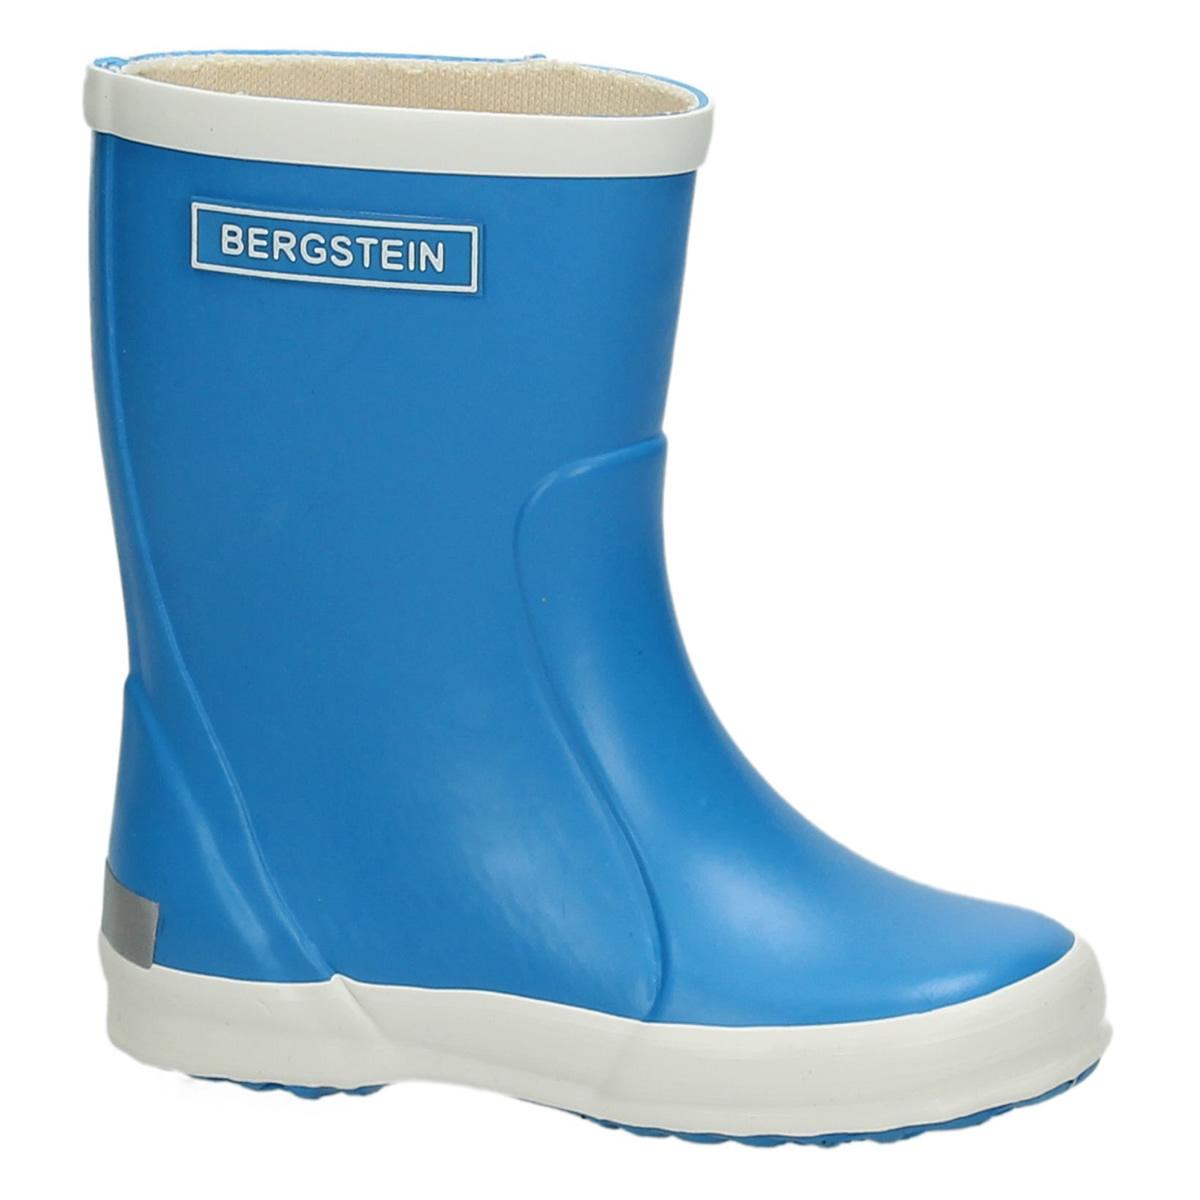 Chaussures Bleu Bergstein Pour Les Hommes bPN4Cc